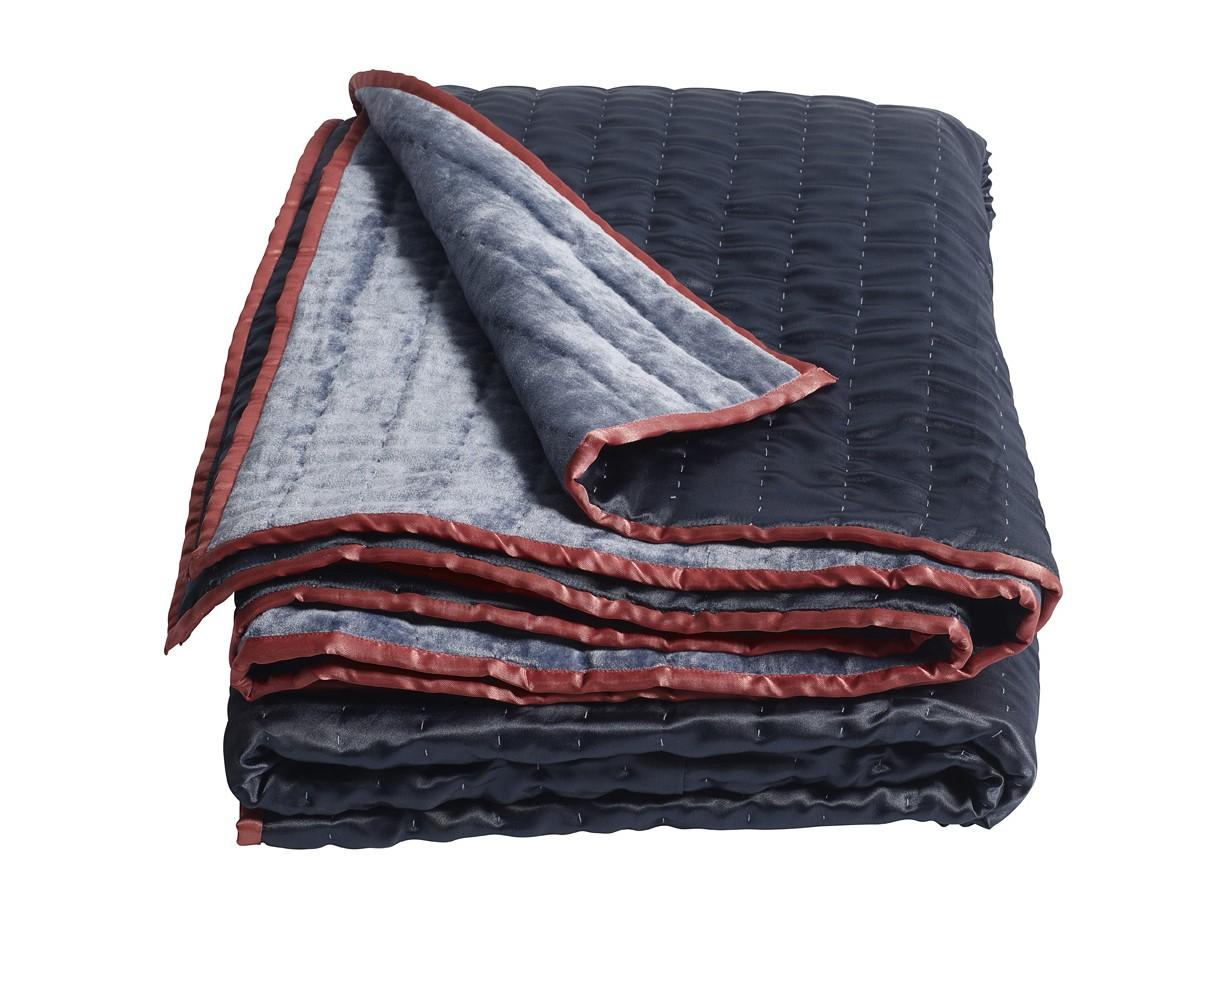 ПокрывалоПокрывала<br>Синее покрывало, которым можно укрыться на диване или застелить кровать в скандинавском или классическом интерьере. Качественный текстиль от датской компании nordal.<br><br>Material: Текстиль<br>Length см: 210<br>Width см: 140